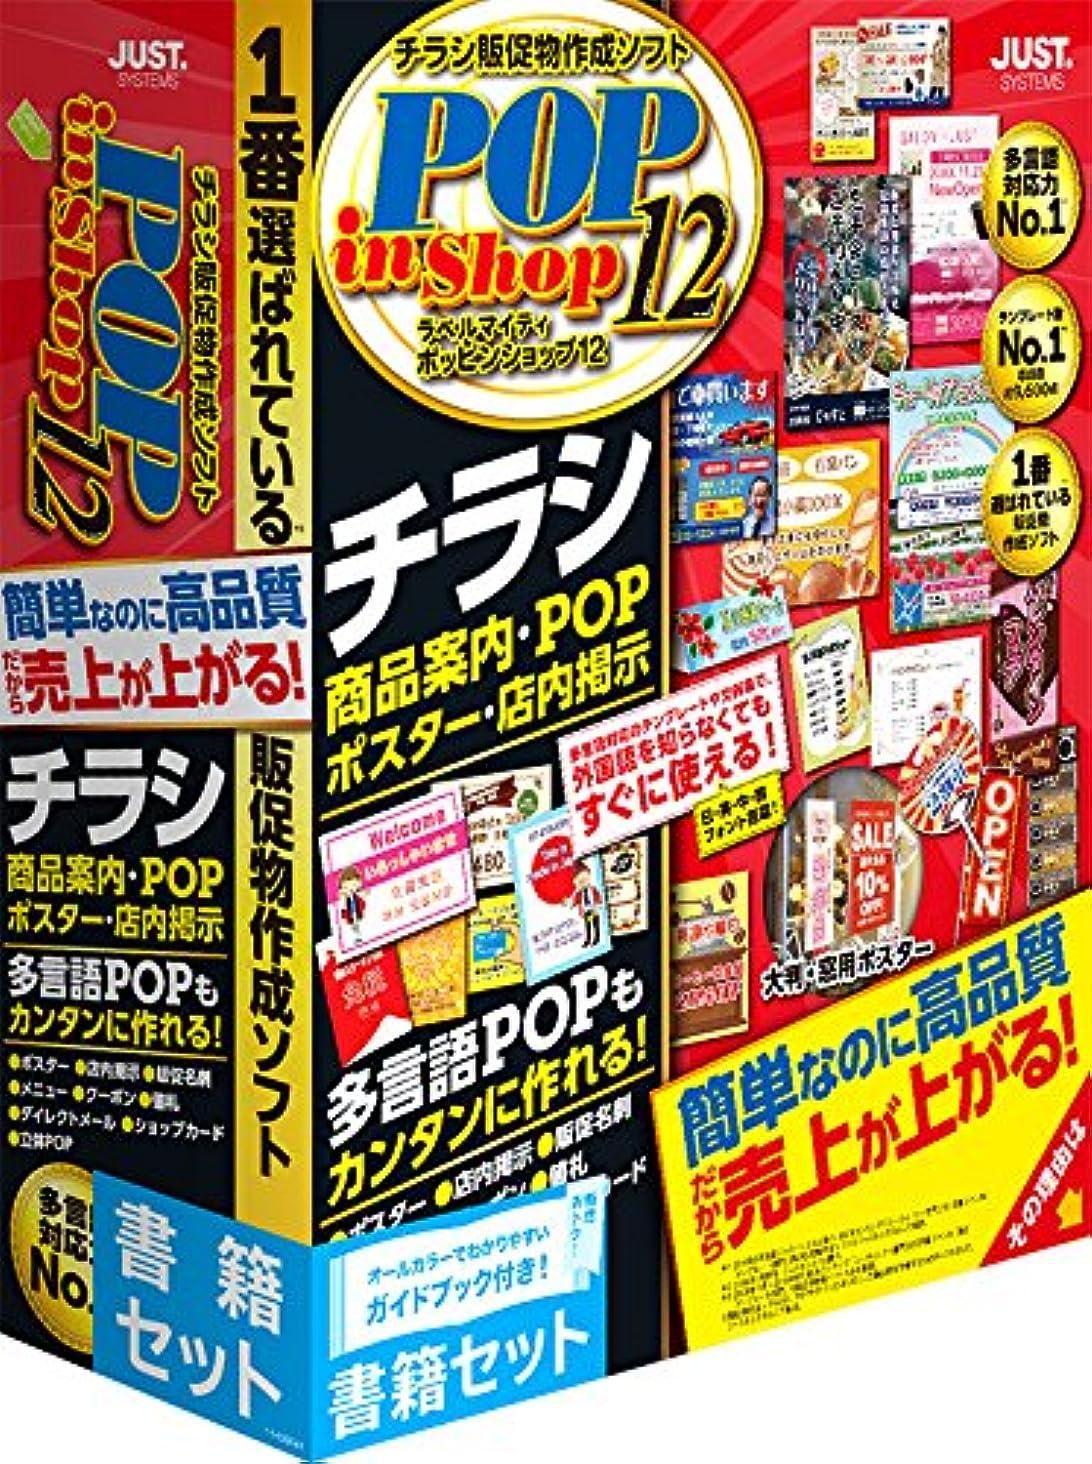 地殻またはどちらか平等ジャストシステム ラベルマイティ POP in Shop12 書籍セット